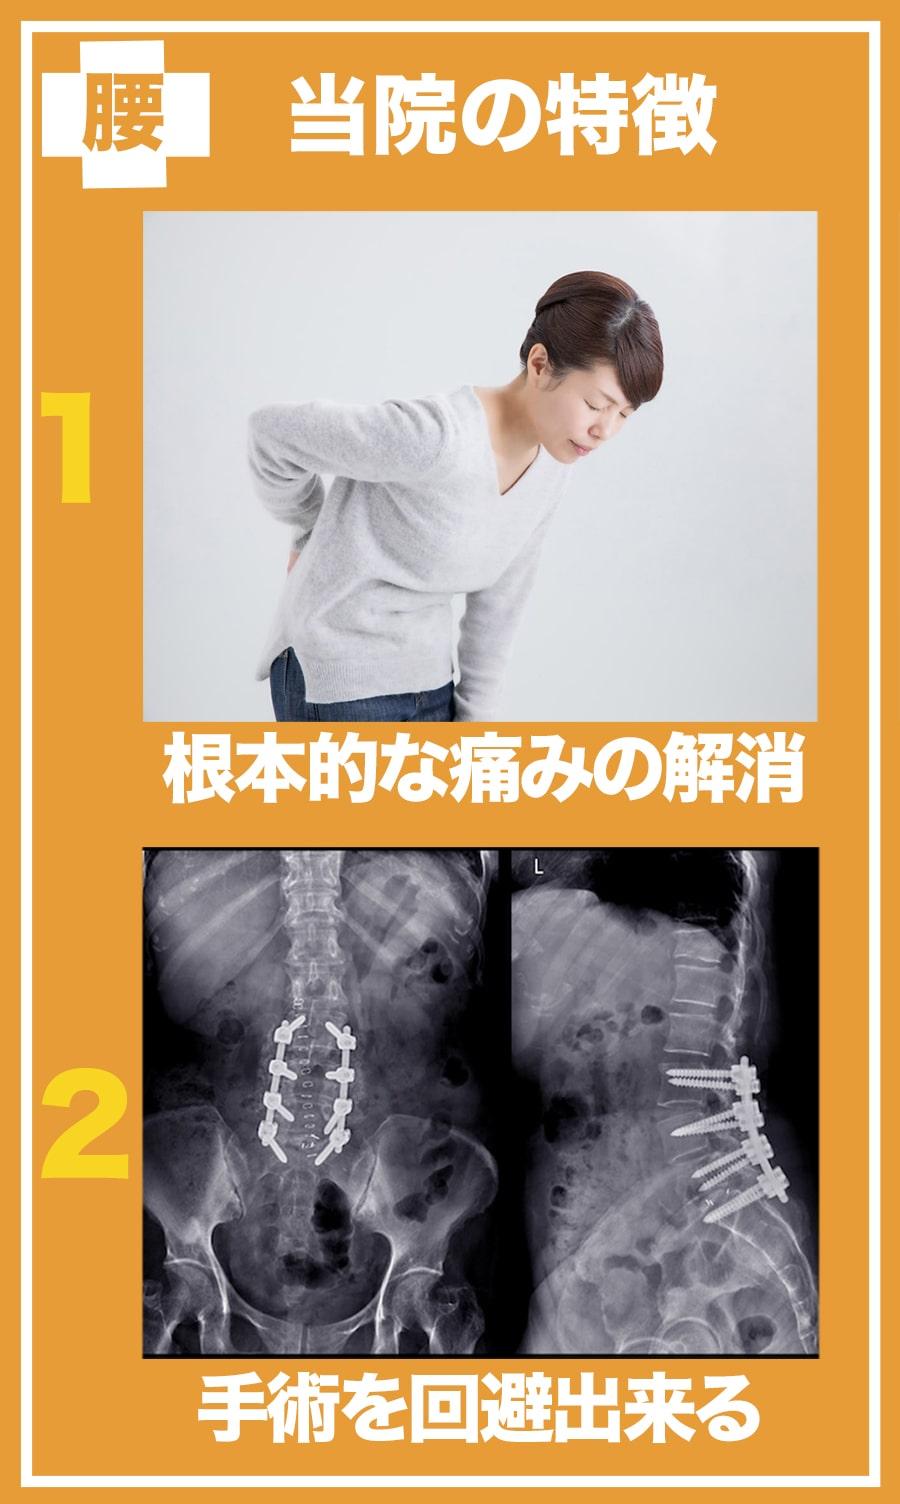 当院の施術の特徴は1根本的な原因を解消すること、2手術を回避できることです。